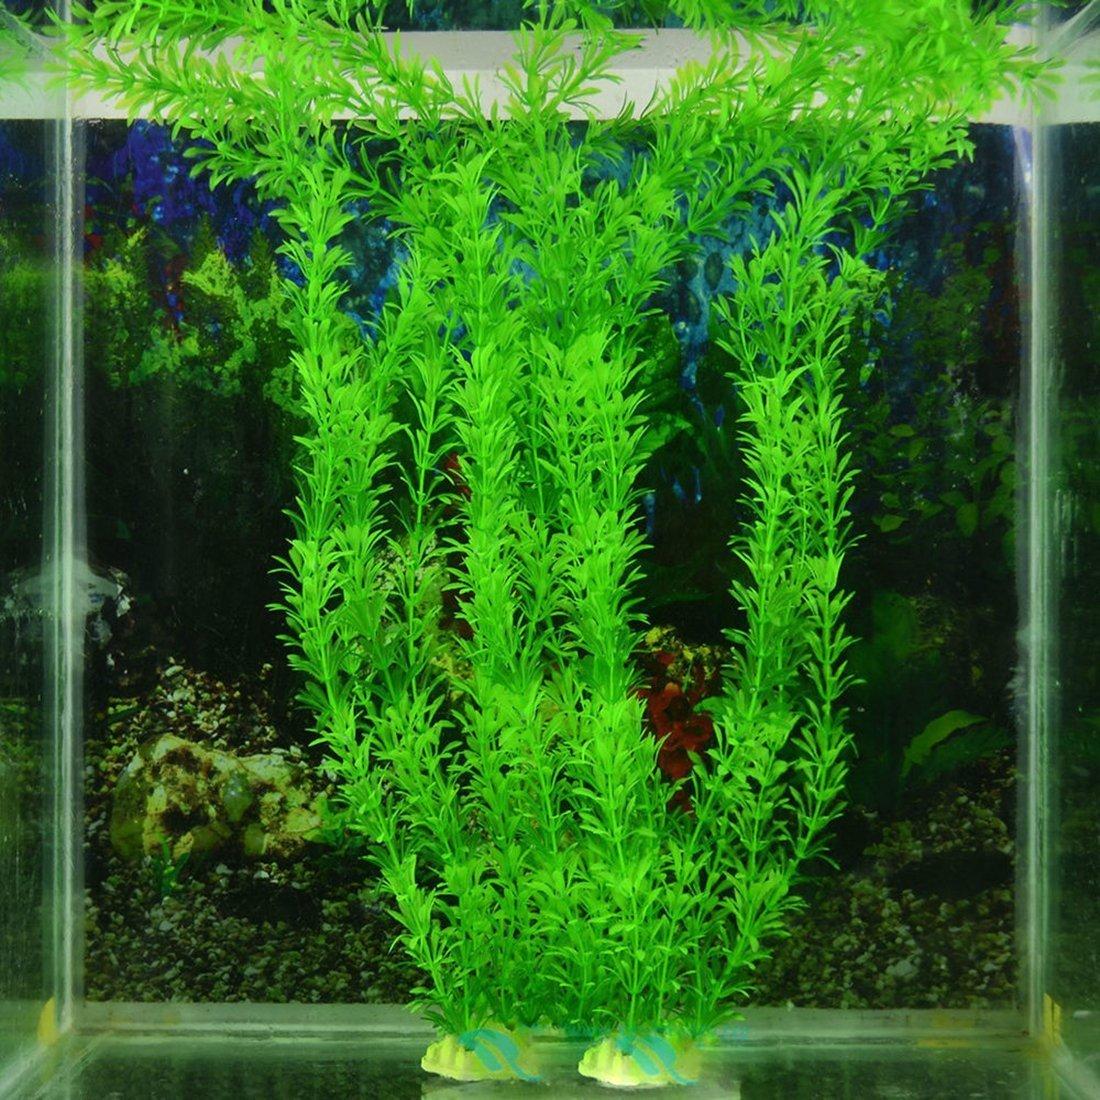 Wiwi.f Shenmu Trébol 10 * 6 * 5 cm simulación Agua Hierba/Tanque de Tortuga Conjunto Planta/Acuario pecera Decoraciones de jardinería: Amazon.es: Productos ...